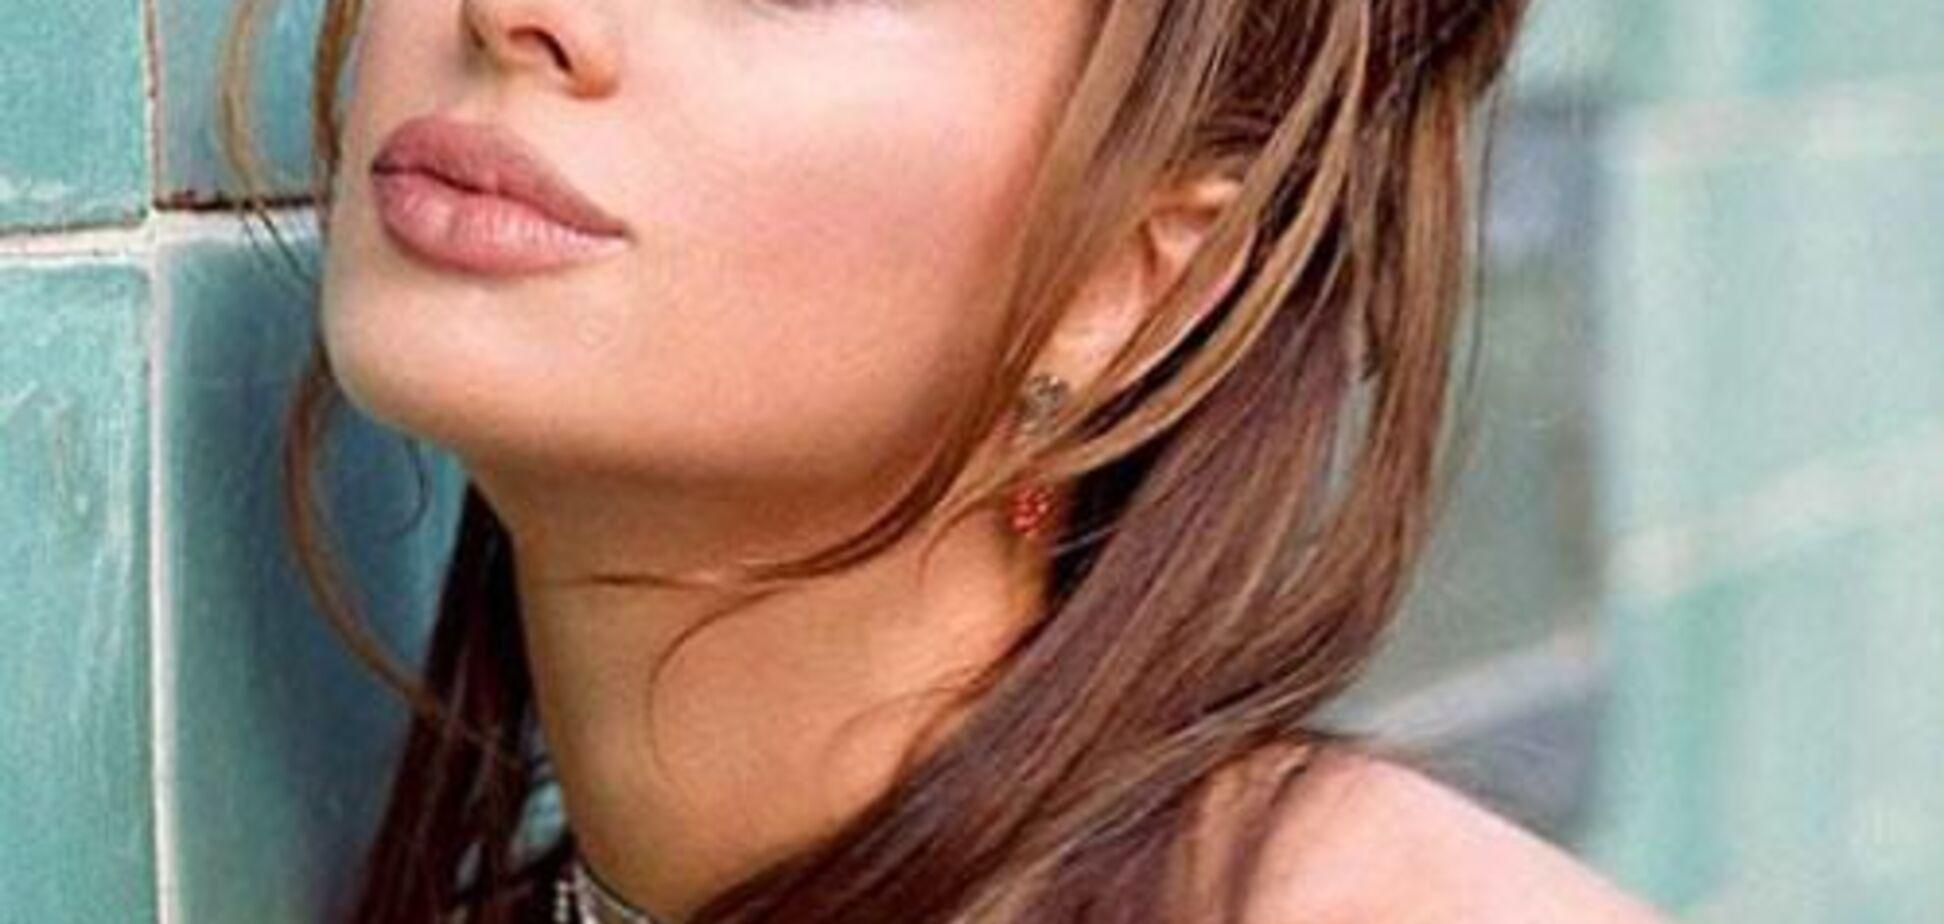 'Победительницей' конкурса стала редкой красоты актриса